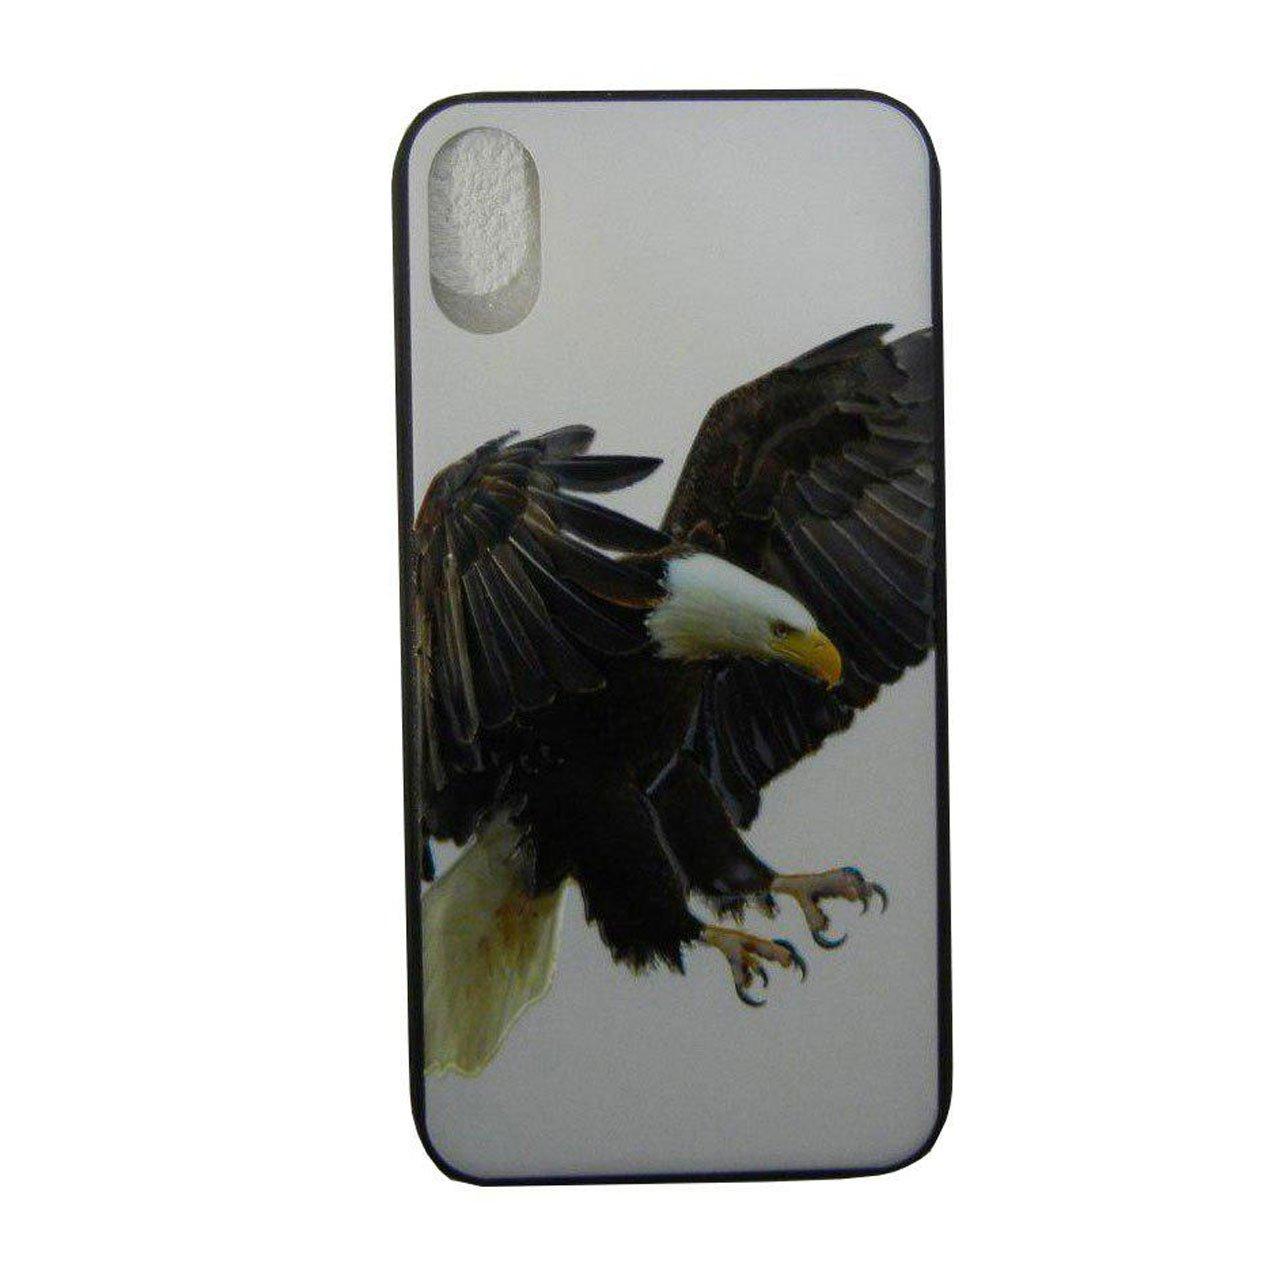 کاور موبایل مناسب برای اپل ایفون X